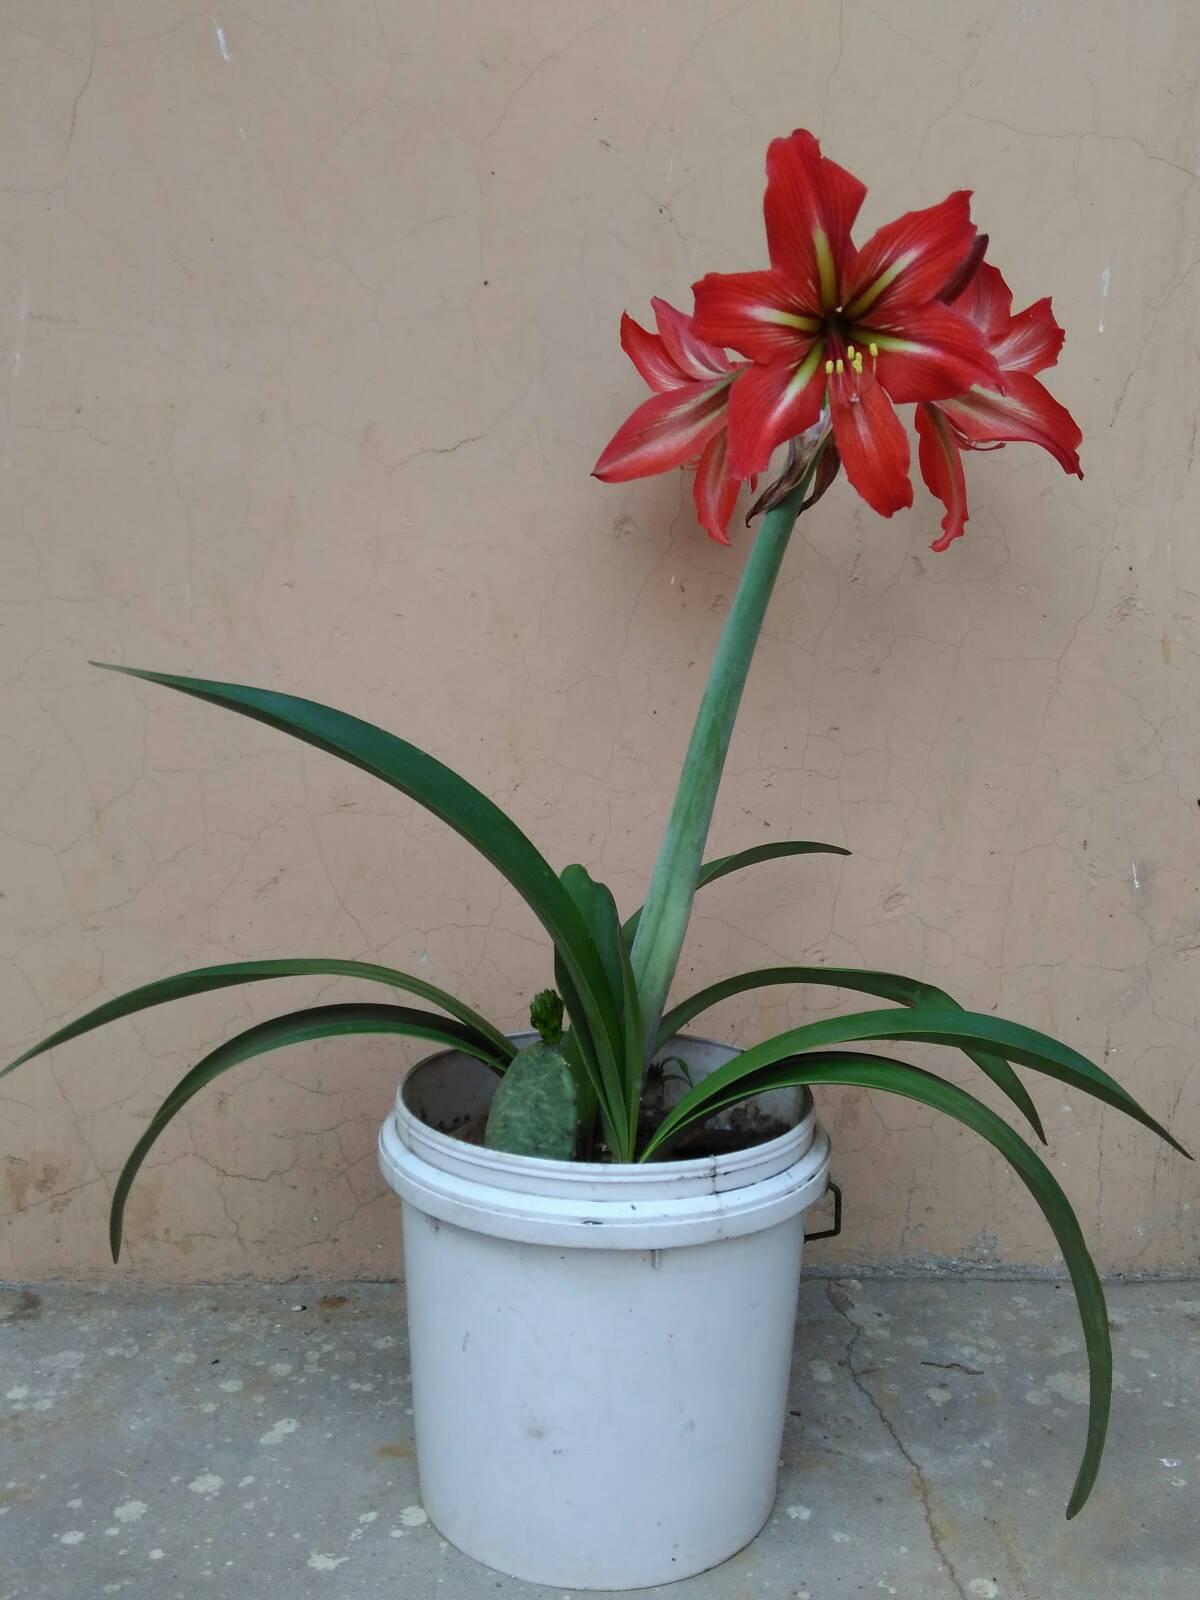 根像根茎,洋葱长而扁,一猪肉上三多花是花?养潮州市奄埠镇市叶子干图片